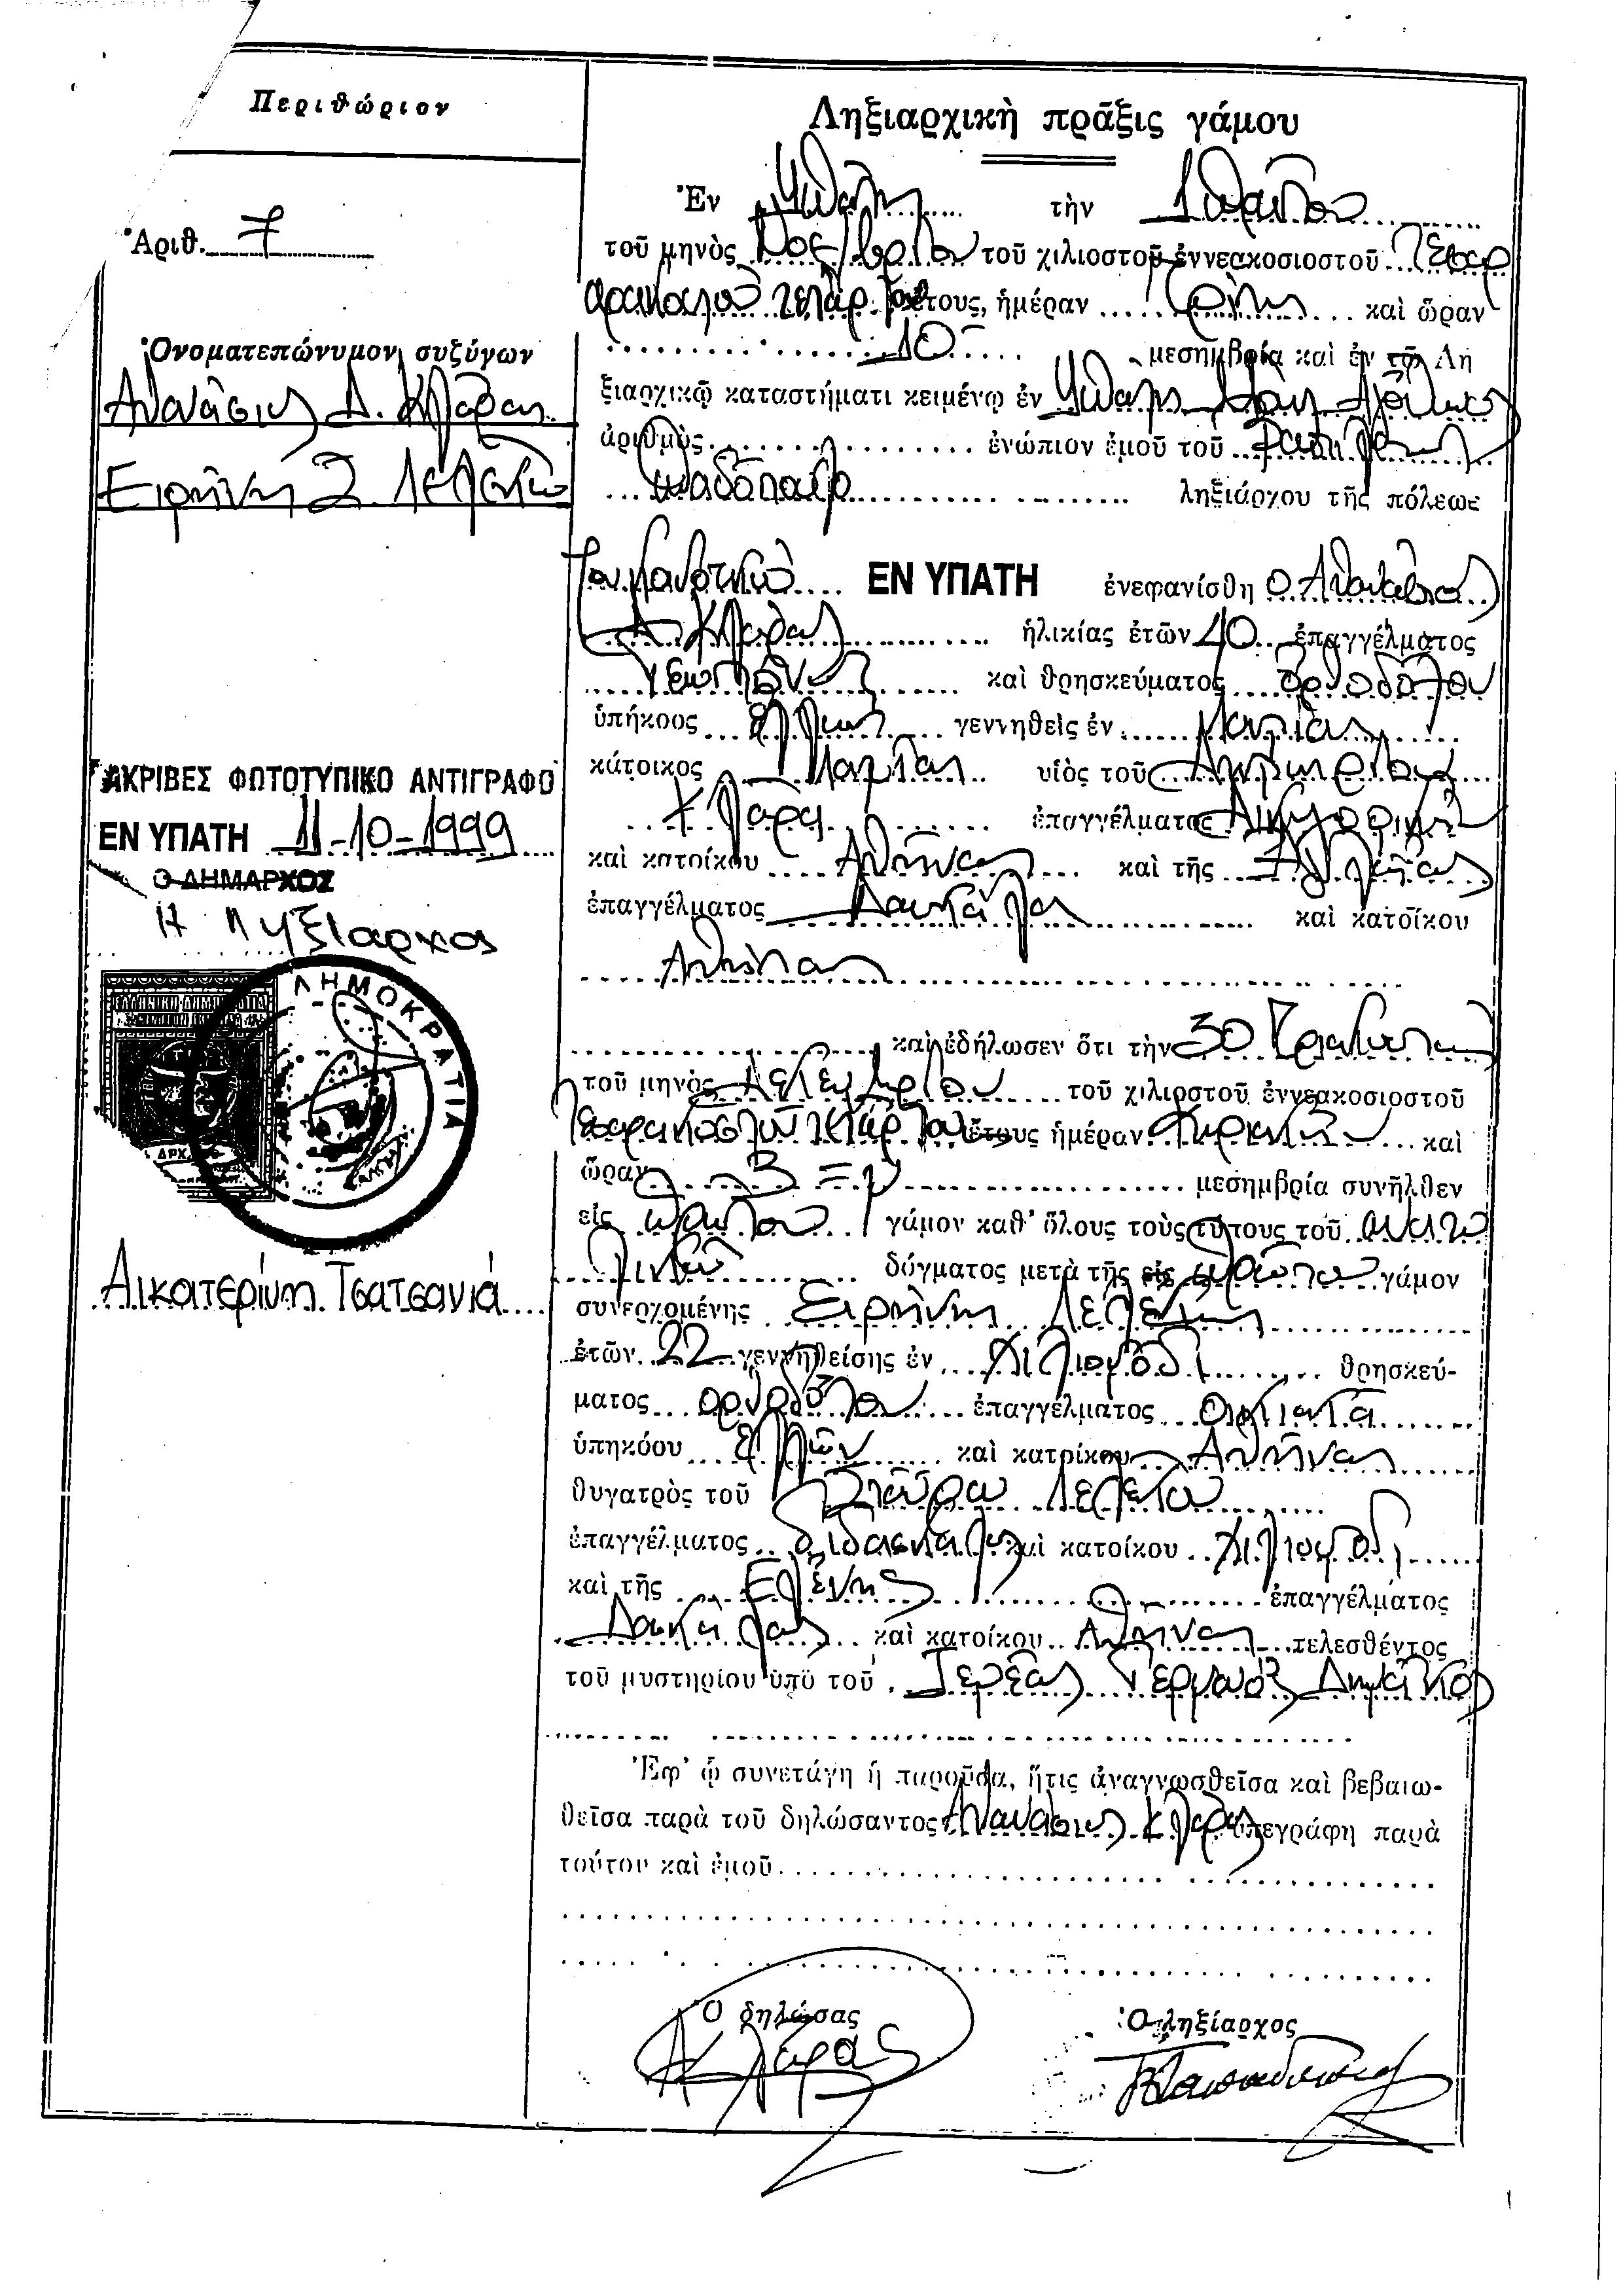 Ληξιαρχική πράξη γάμου Θ. Κλάρα – Ε. Λελέκου (Παππά)1